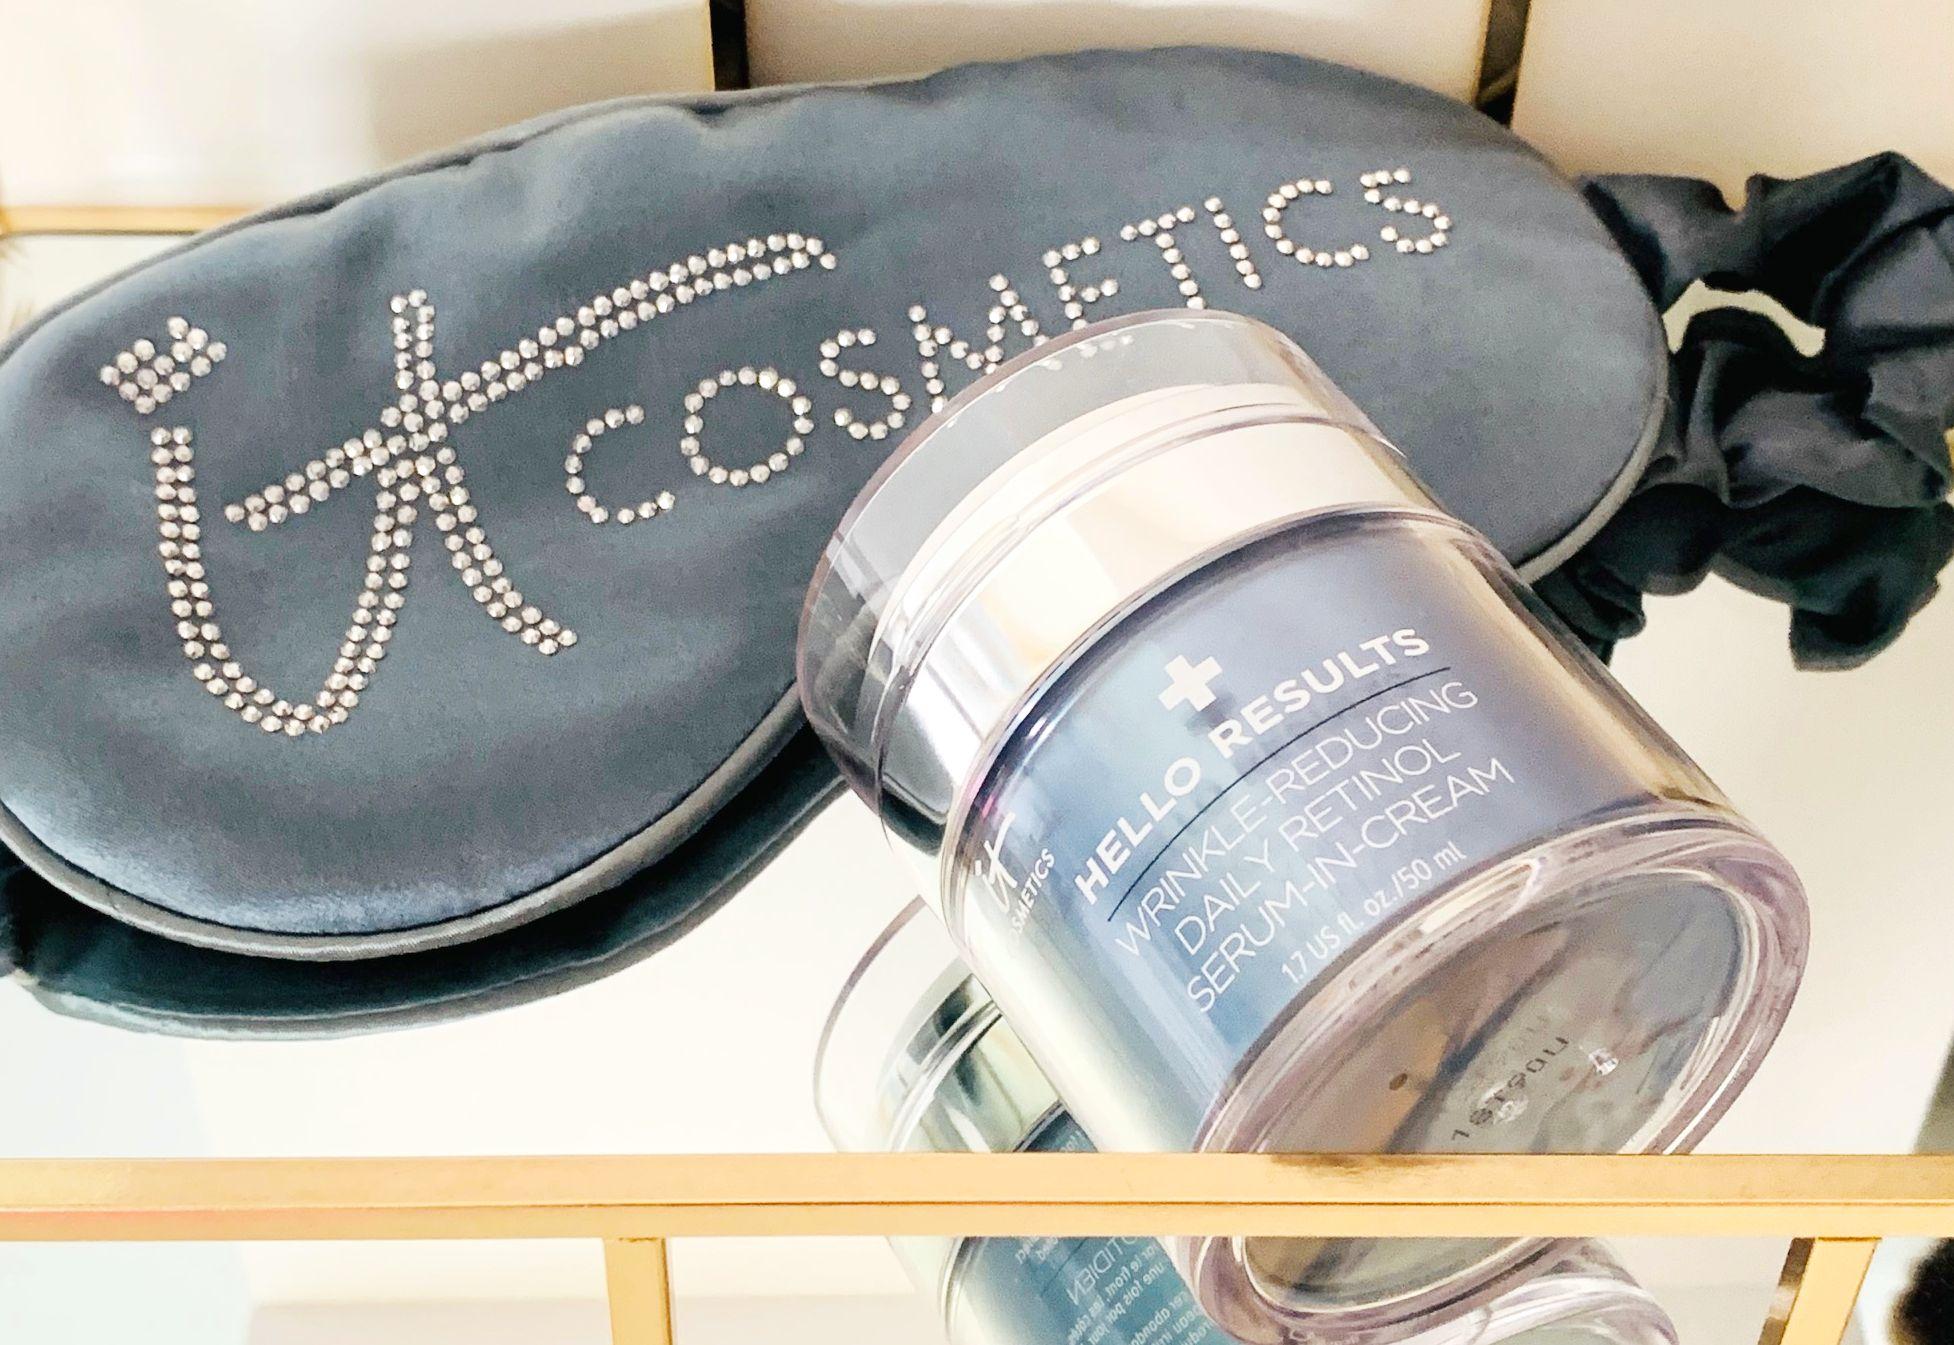 IT Cosmetics Hello Fresh Wrinkle Reducing Daily Retinol Serum In Cream Review